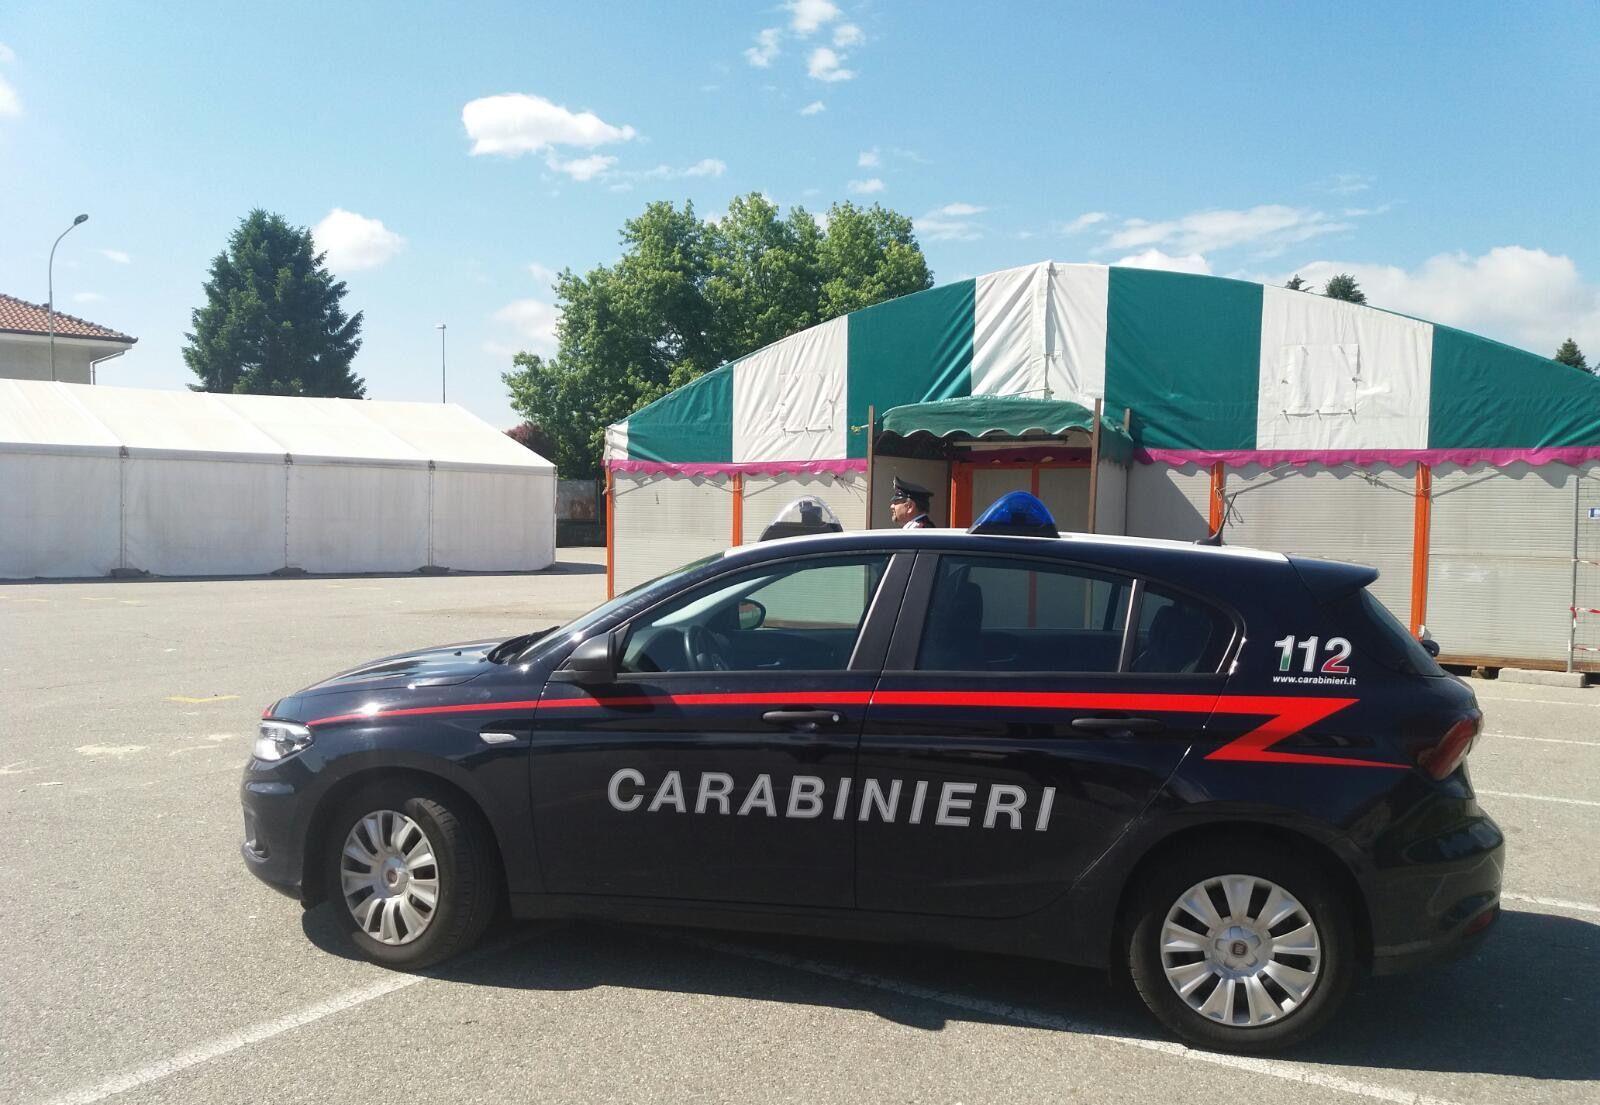 PAVONE CANAVESE - 49enne molesto aggredisce i carabinieri: arrestato per resistenza